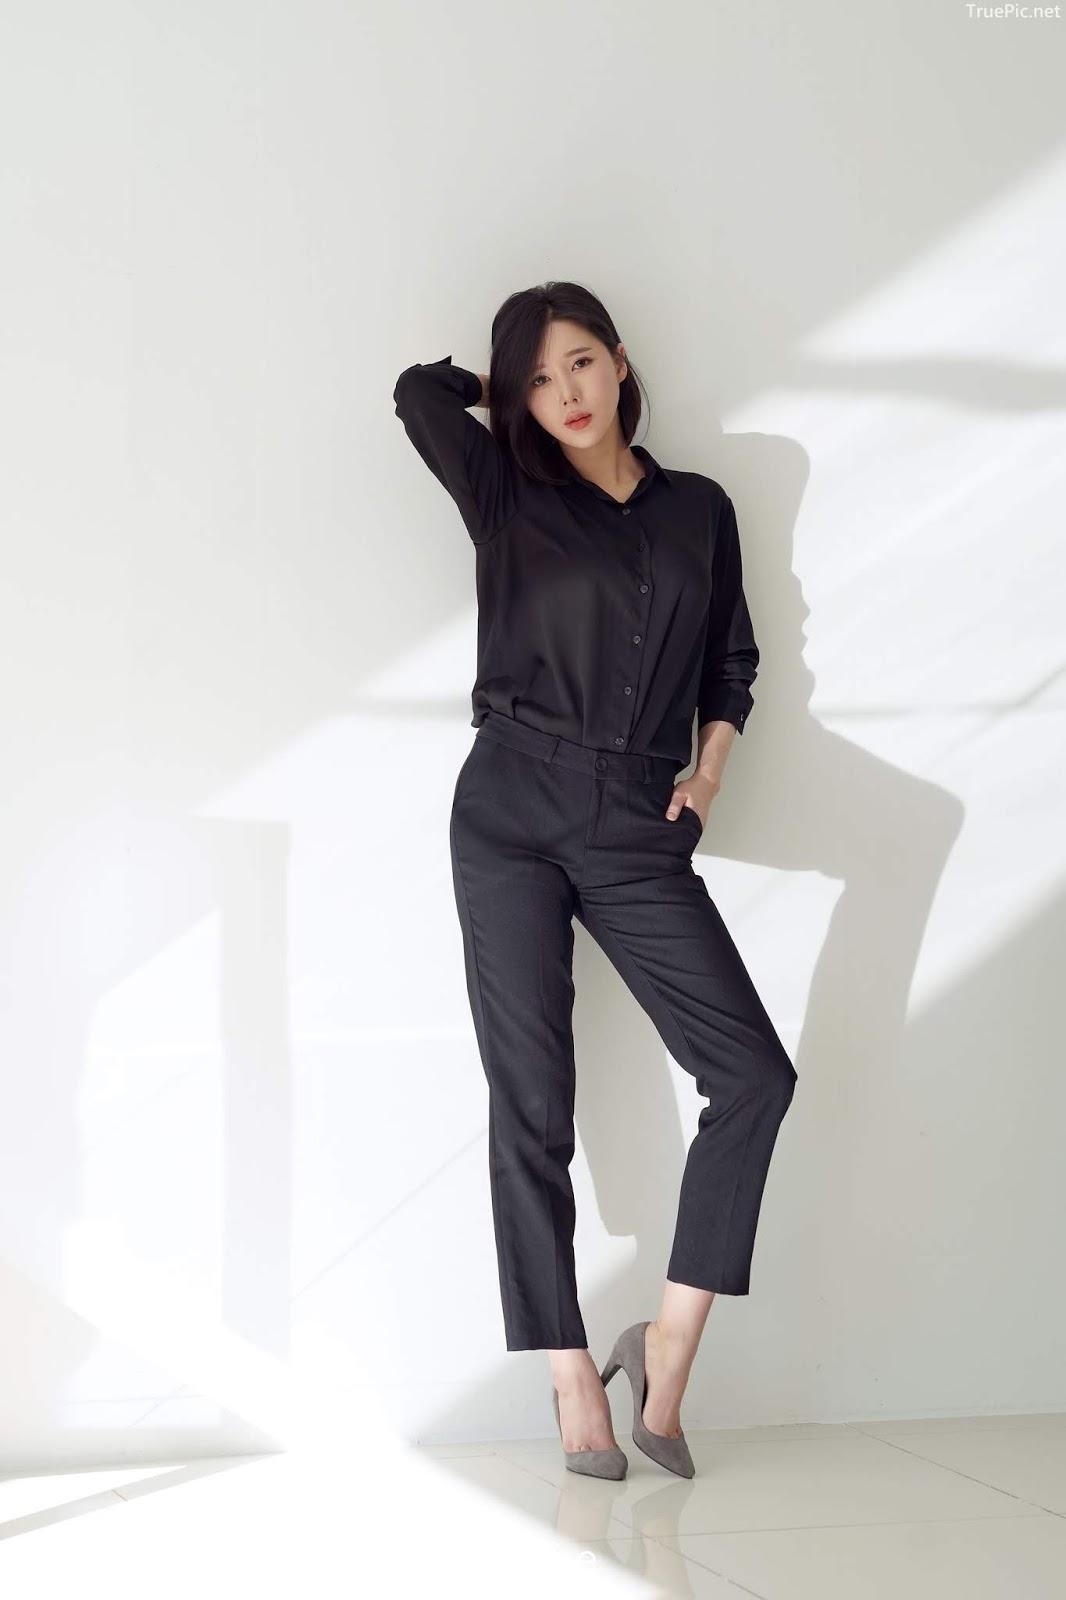 Korean racing queen - Song Ju Ah - Studio Photoshoot - Picture 1